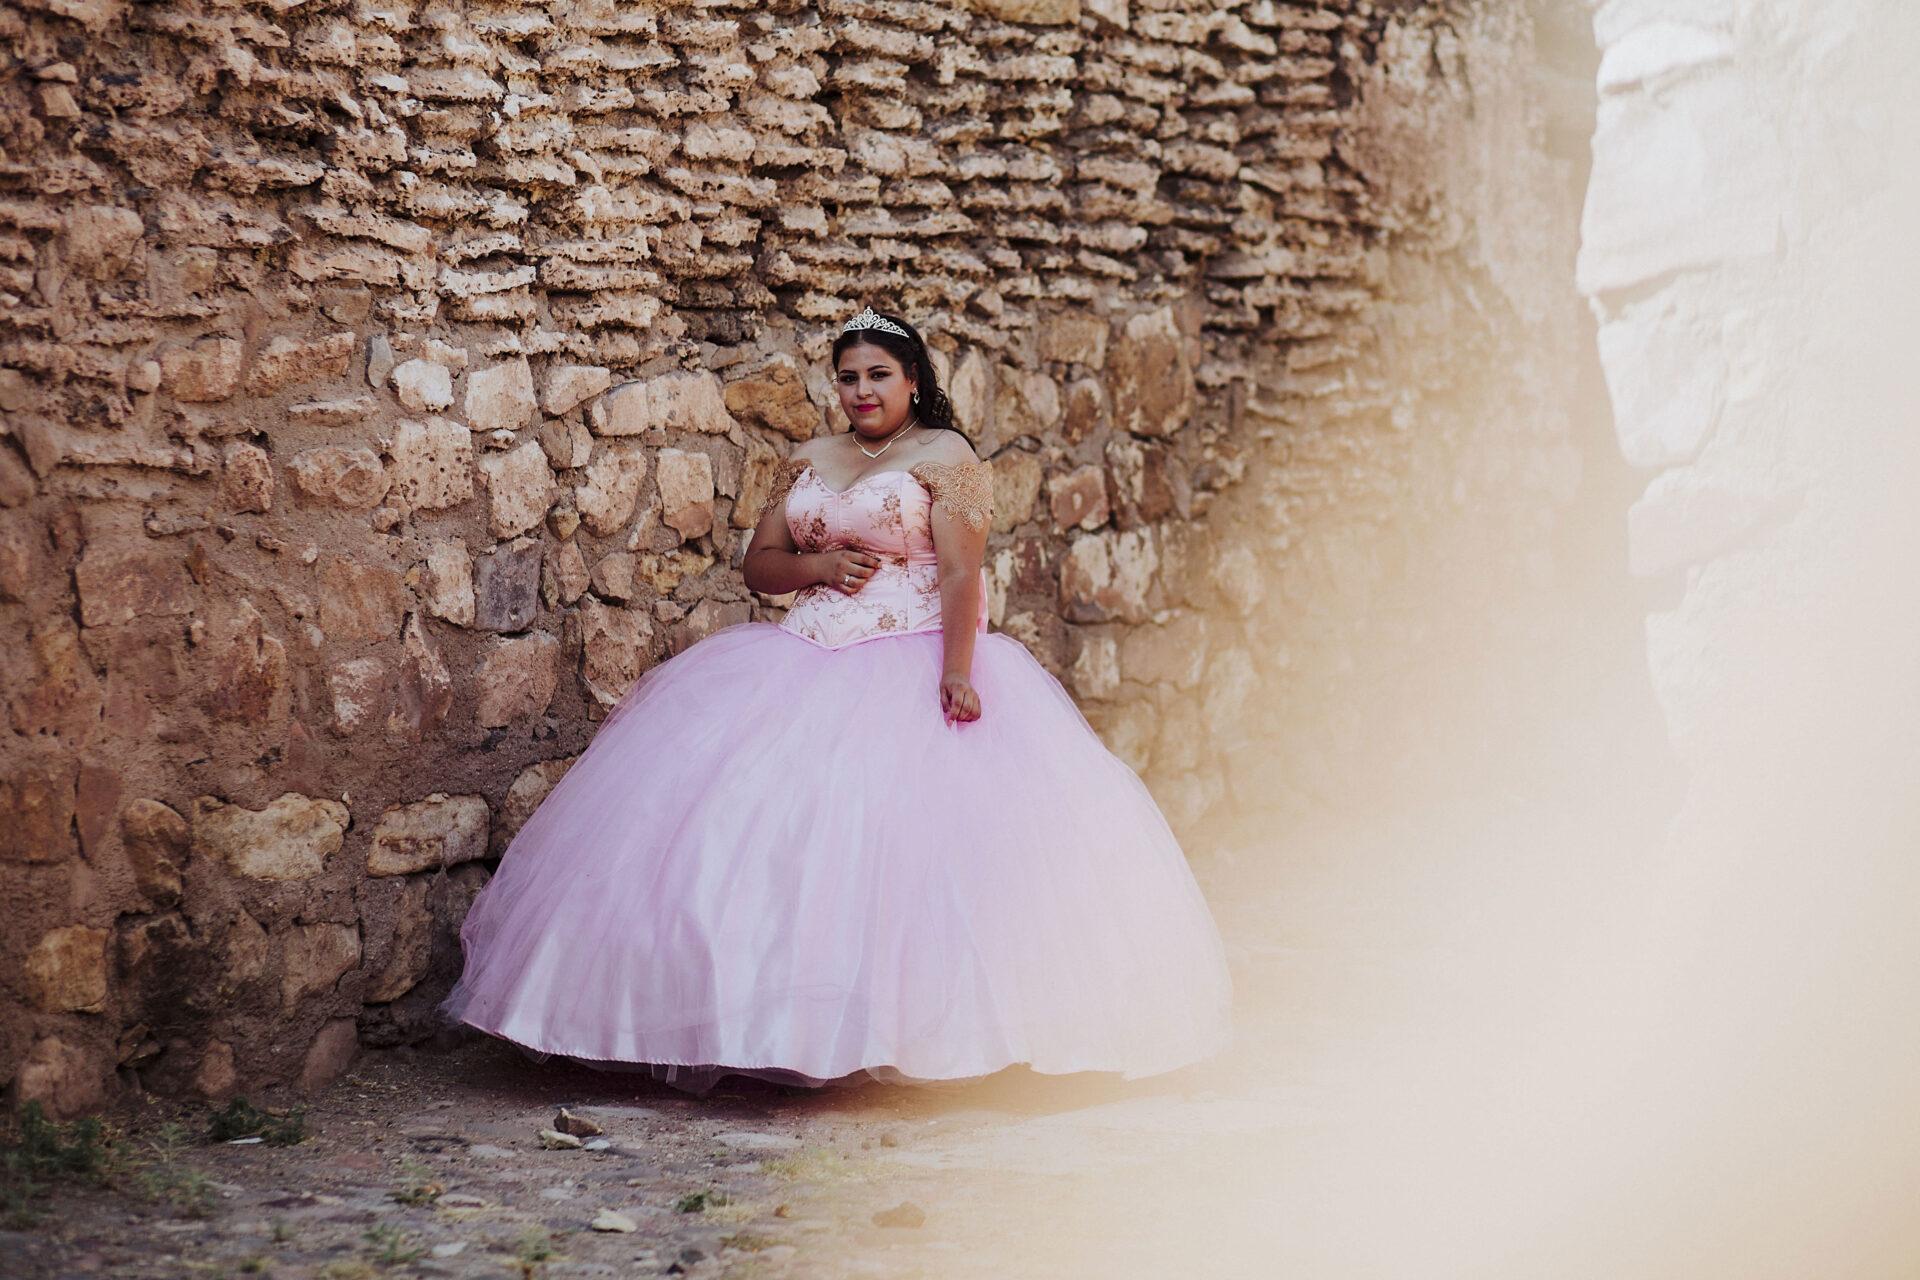 javier_noriega_fotografo_bodas_zacatecas_xv_años_chihuahua00015